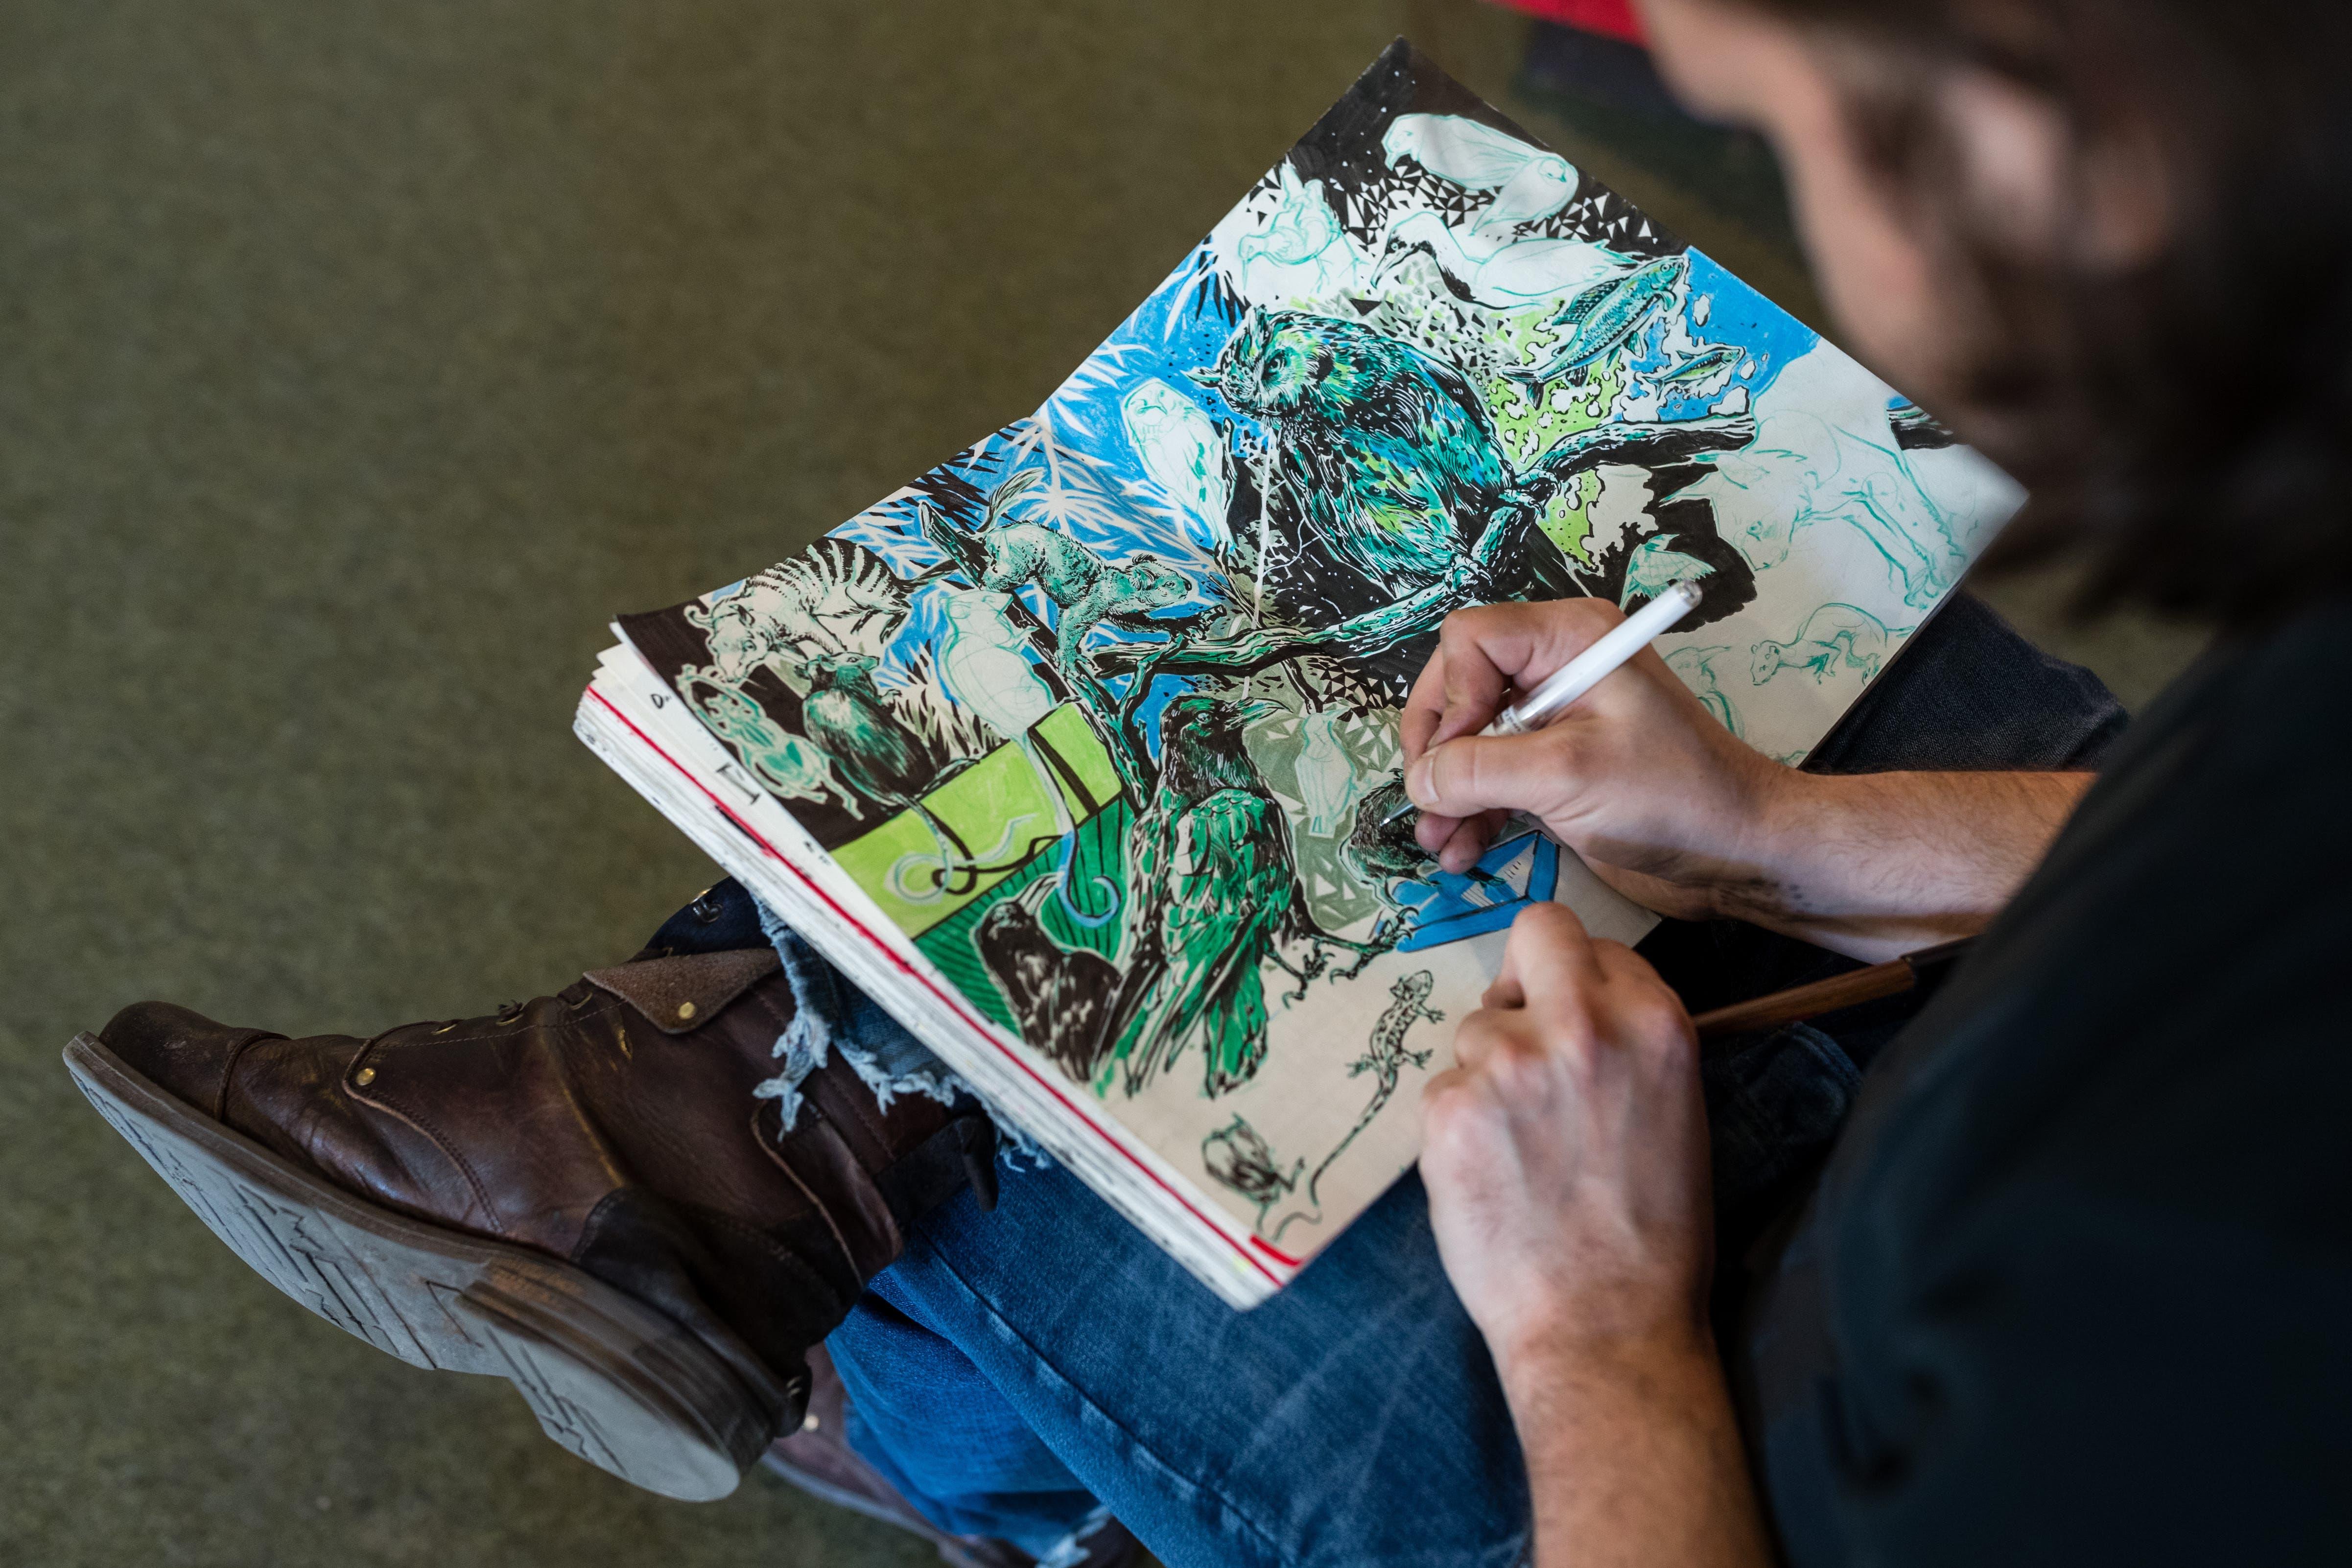 Das Comic-Wimmelbild in verträumten Farben nimmt Form an.